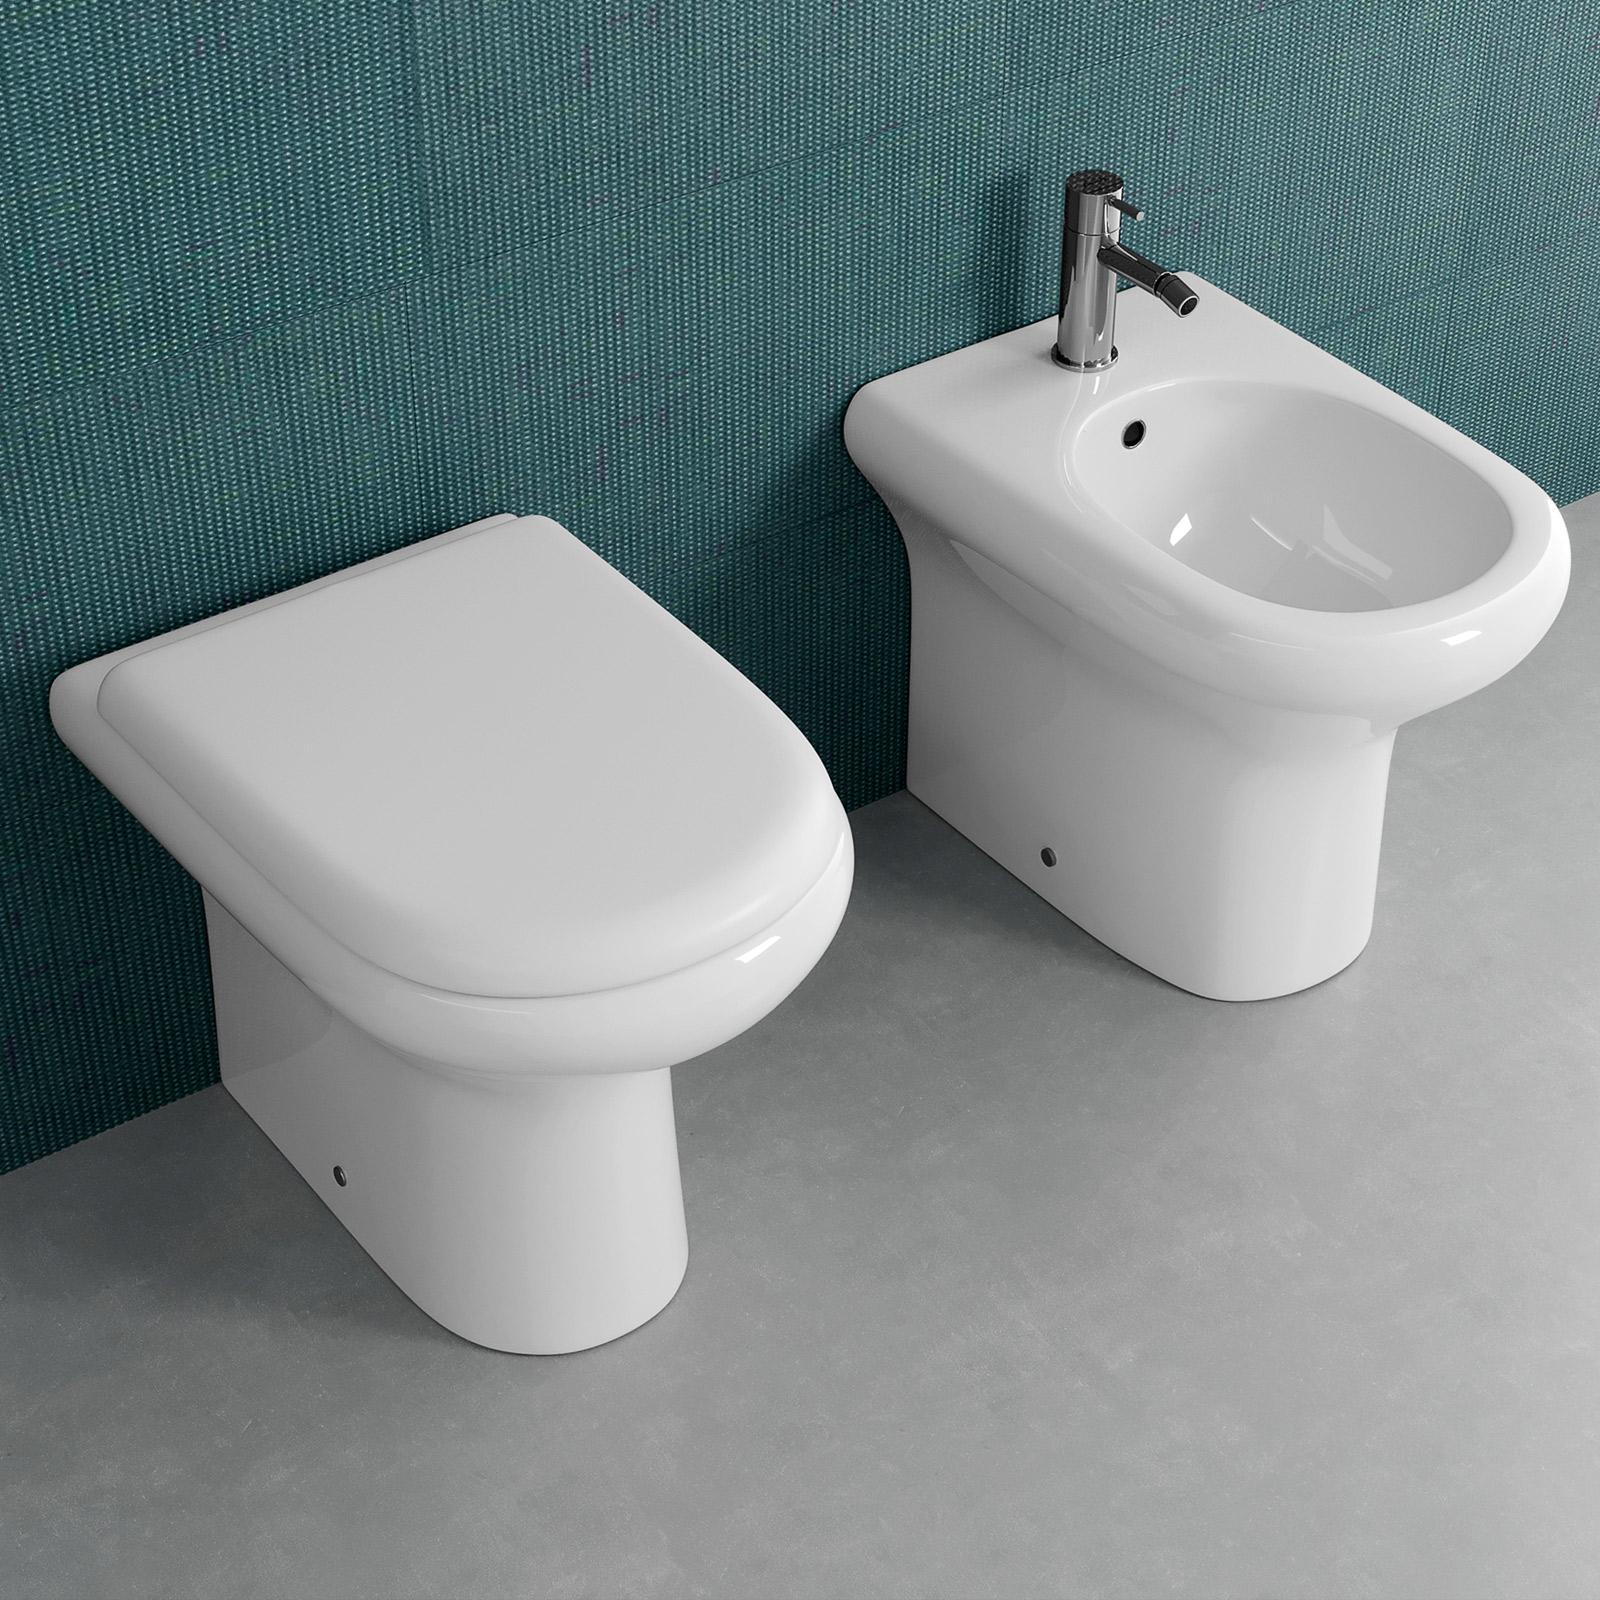 sanitari filo muro Rak ceramics